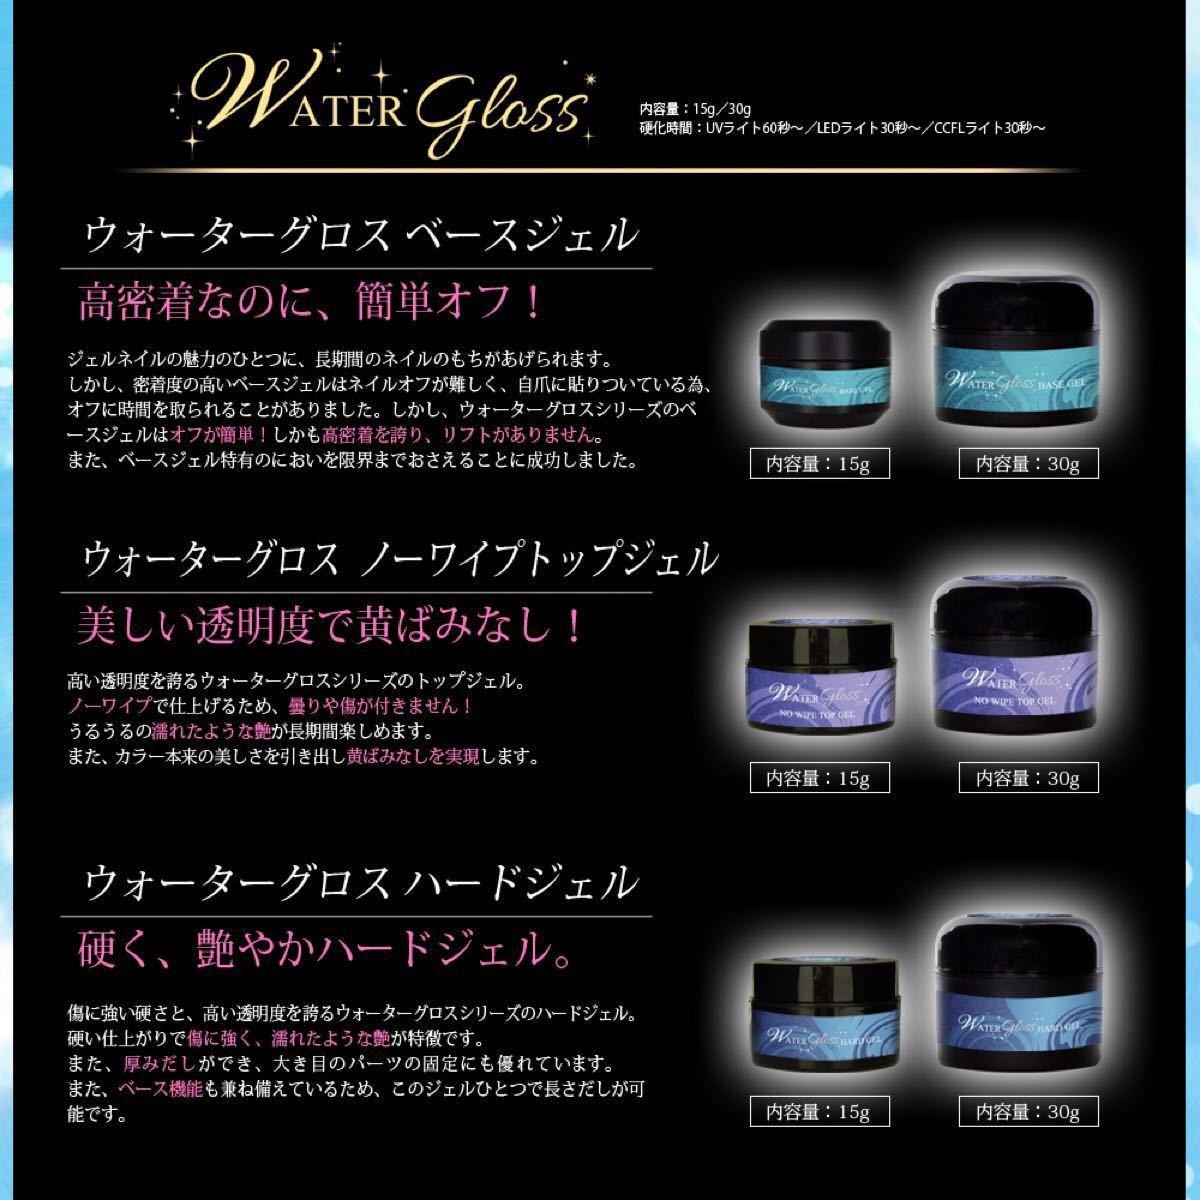 【ぴと様専用】ウォーターグロスジェル ノーワイプトップ&ベースジェル 各30gとミラーパウダーペンタイプ シルバー、ゴールド